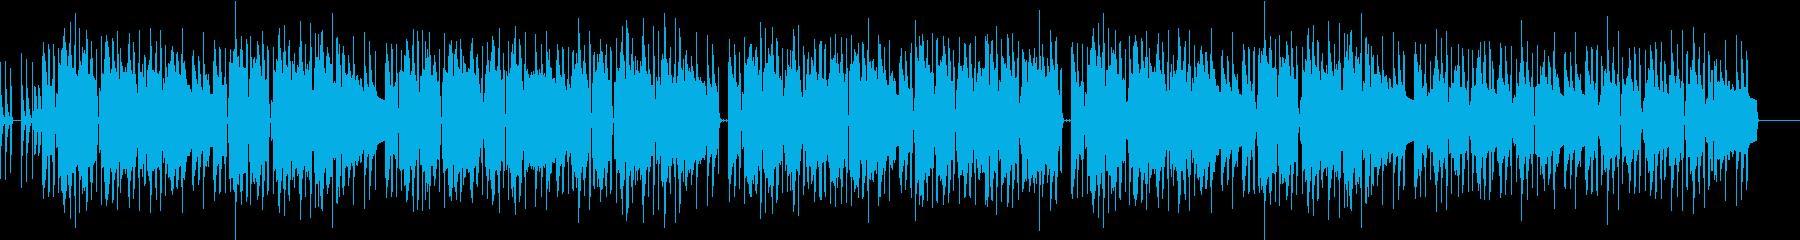 切ない印象のスウィング曲の再生済みの波形